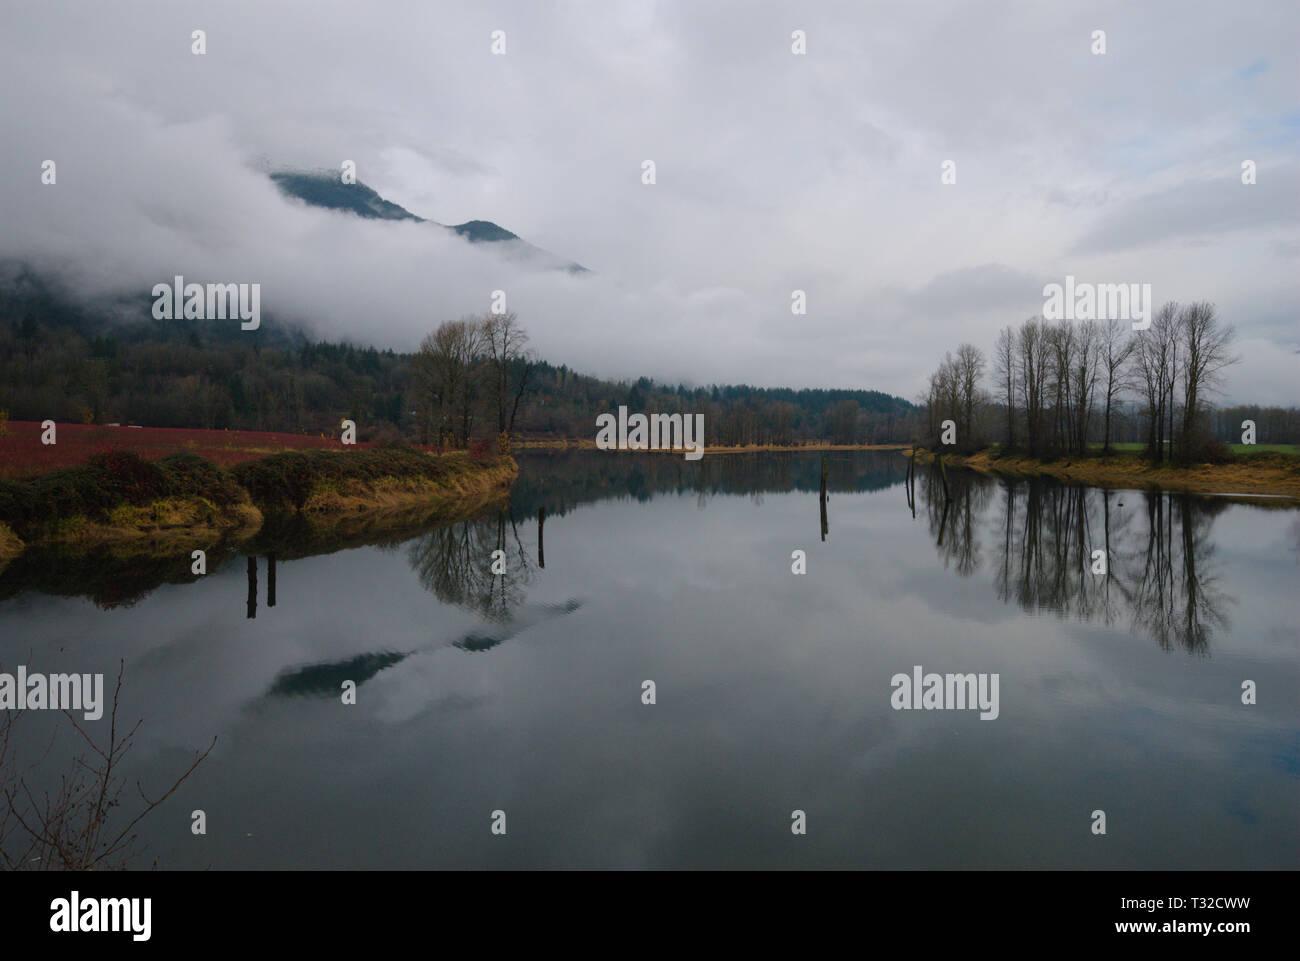 Un plácido remanso del Río Vedder refleja un turbulento gris cielo nublado. Foto de stock